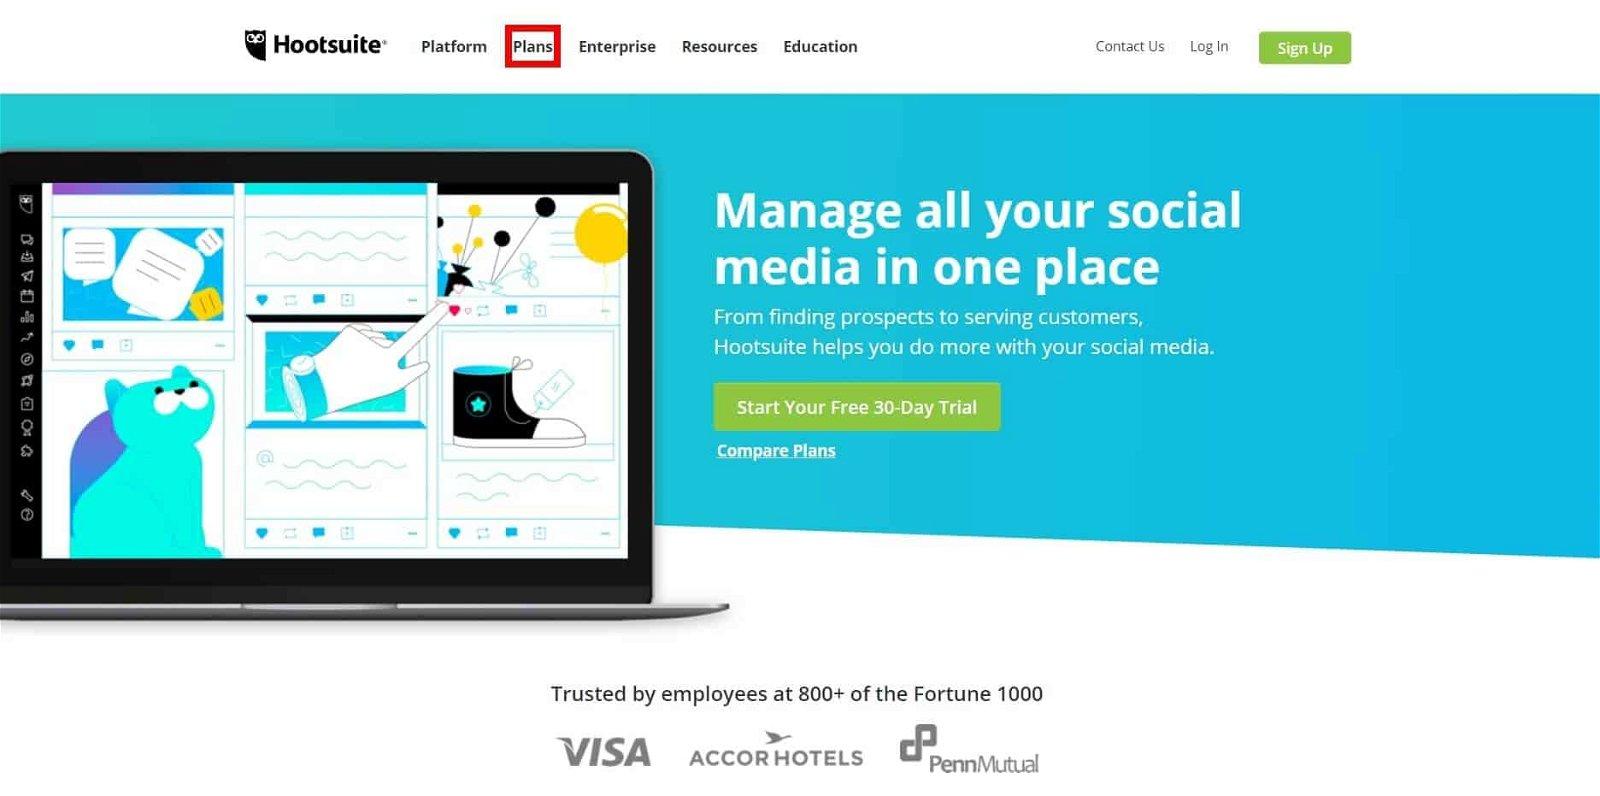 Recensione Hootsuite - La Suite giusta per Il Social Media Marketing? 2